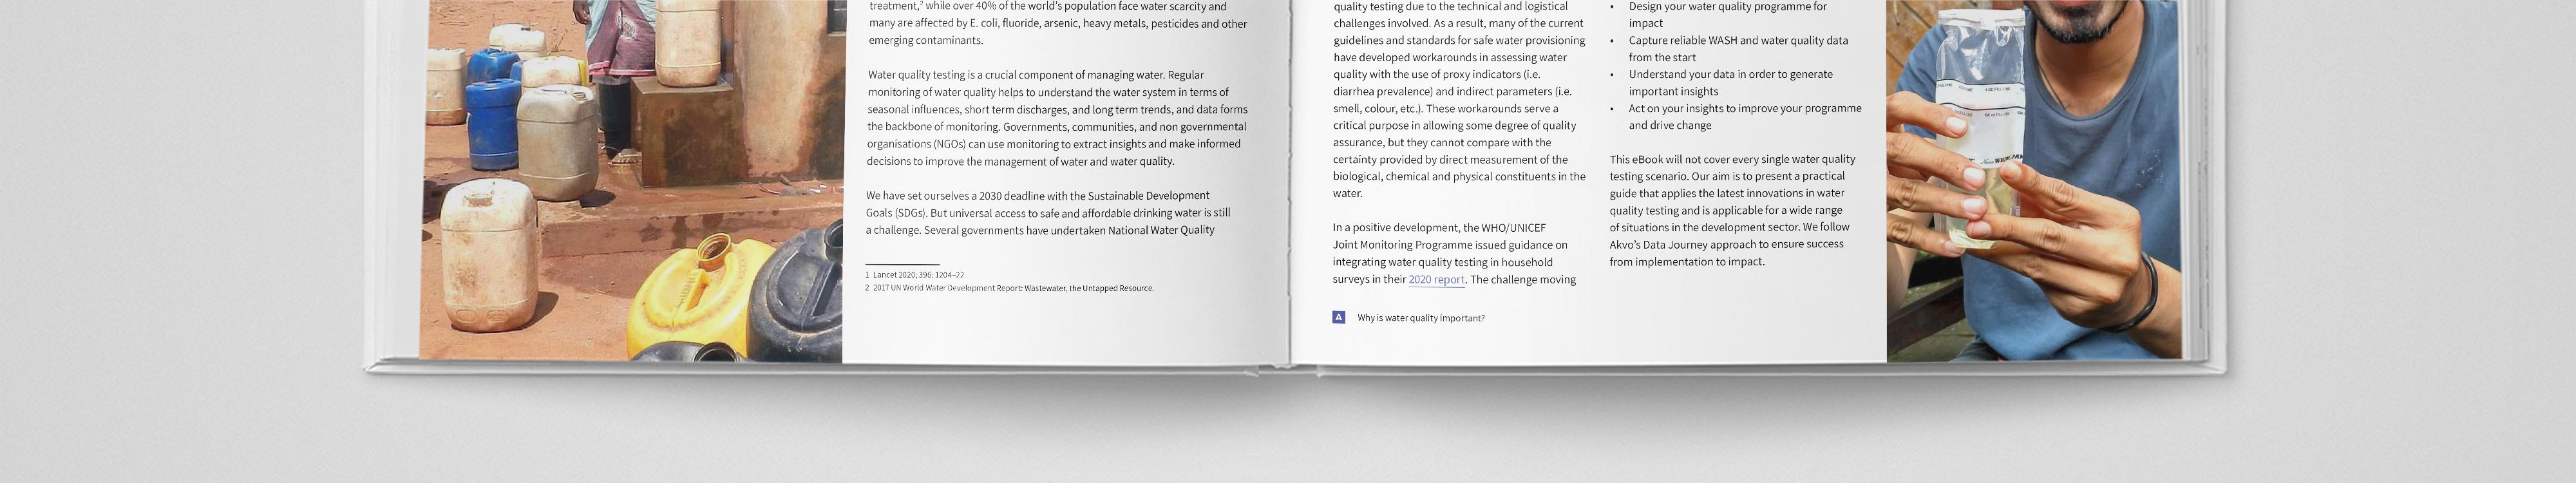 WQ eBook Half spread